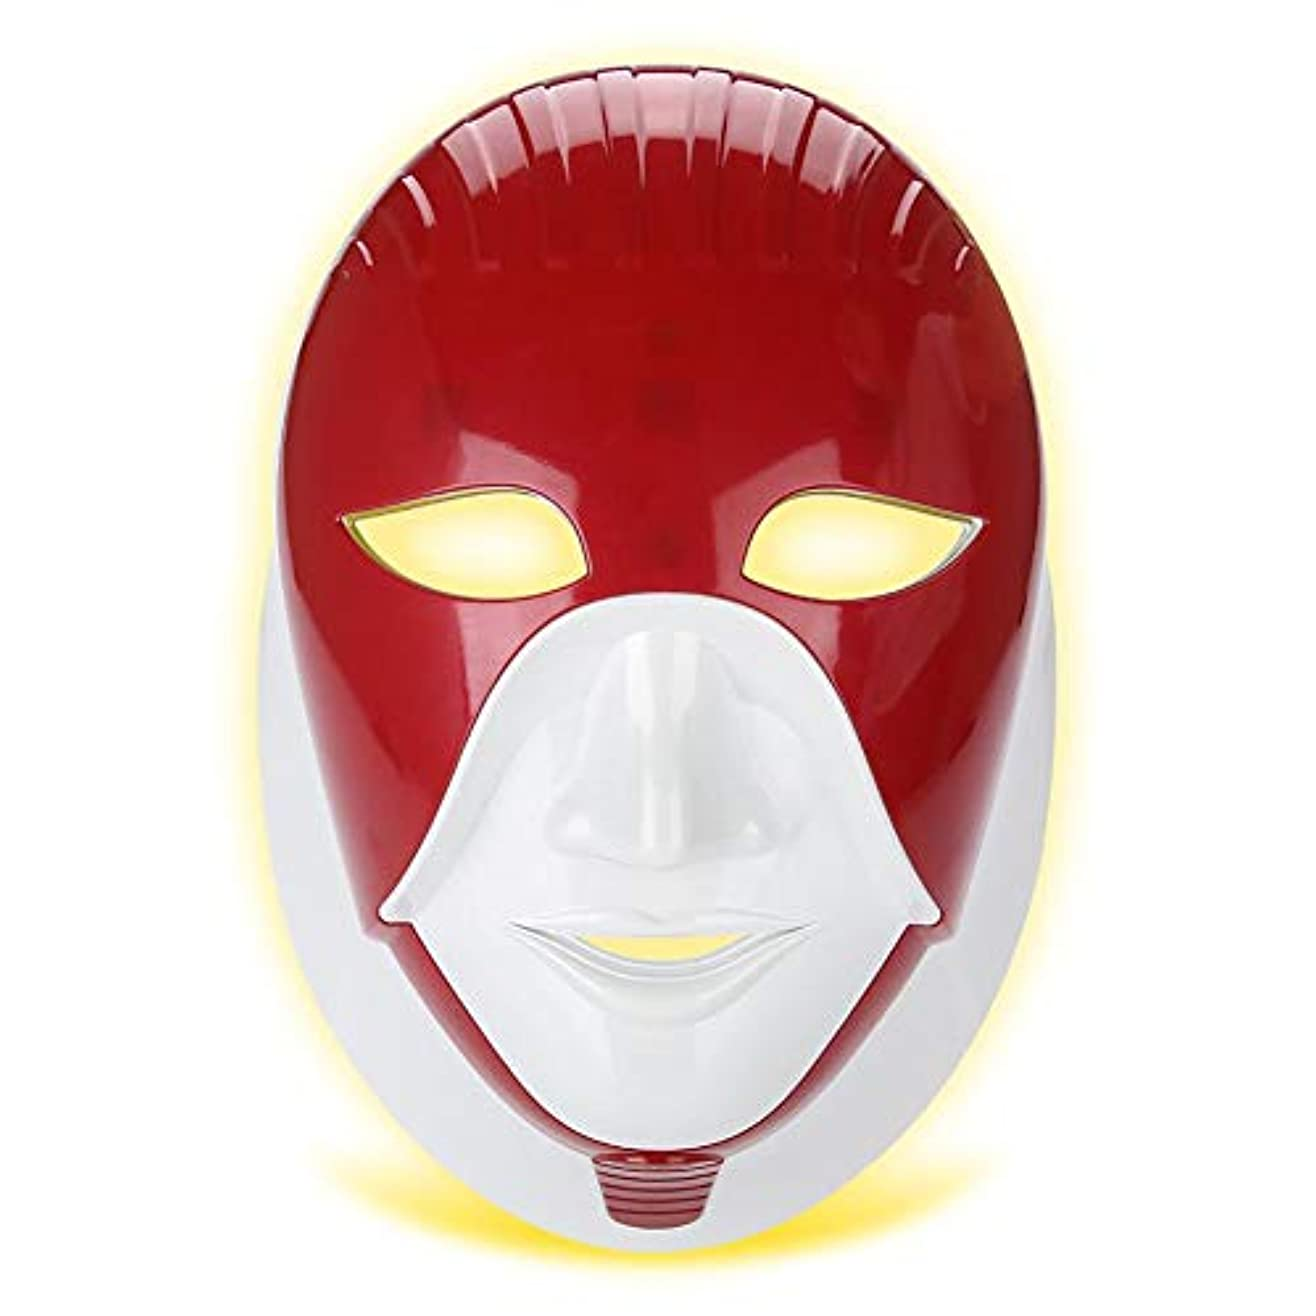 アナログクリーム司法LEDフェイシャルネックマスク、滑らかな肌のより良いのための7色のネオン - 輝くライトフェイスケア美容ツール、肌のリラクゼーショング、引き締め、調色、引き締まった肌、瑕疵び、美白(02#)